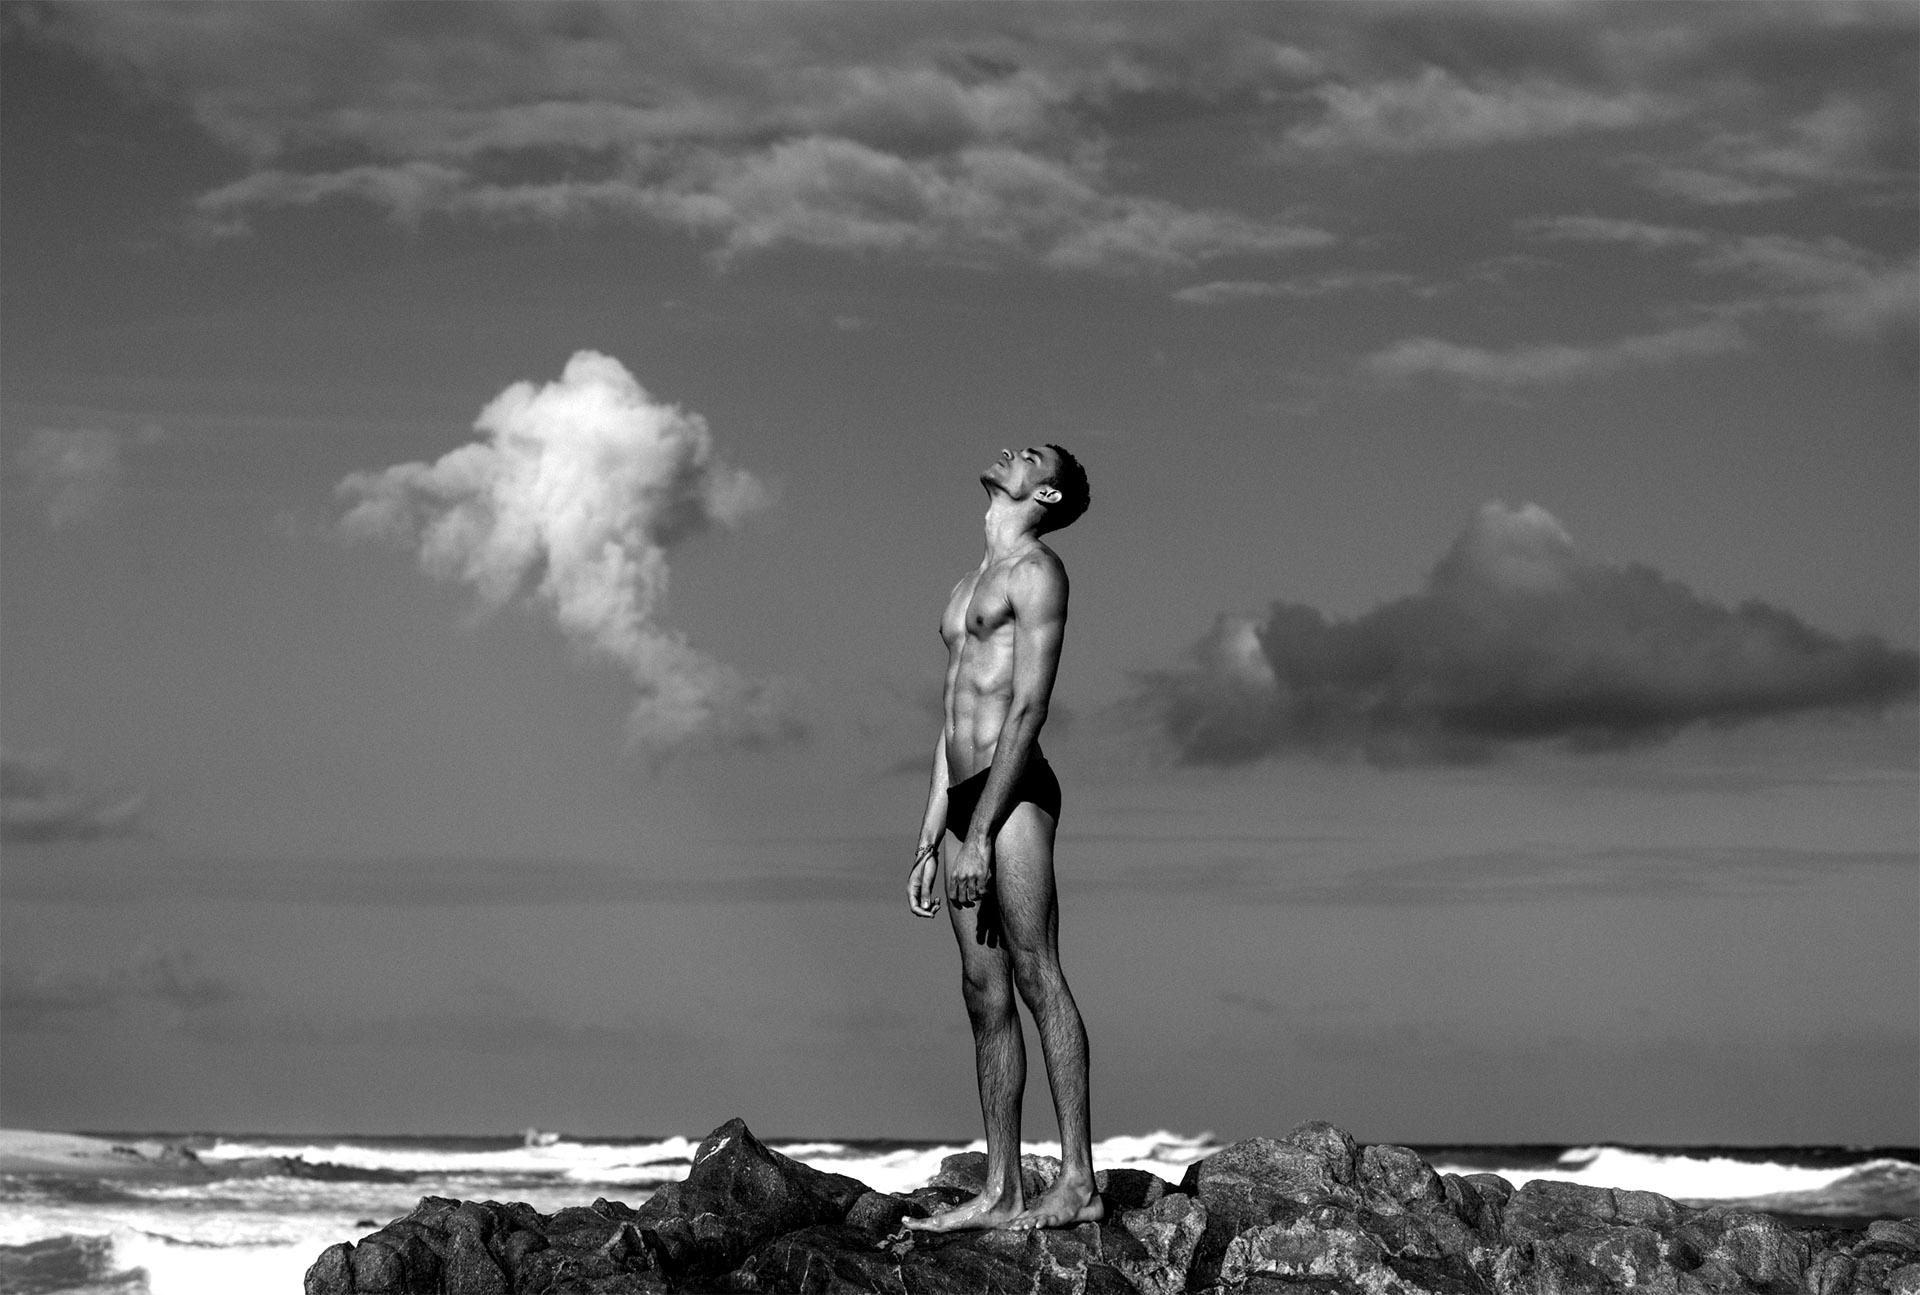 Sostenes by Pedro Pedreira